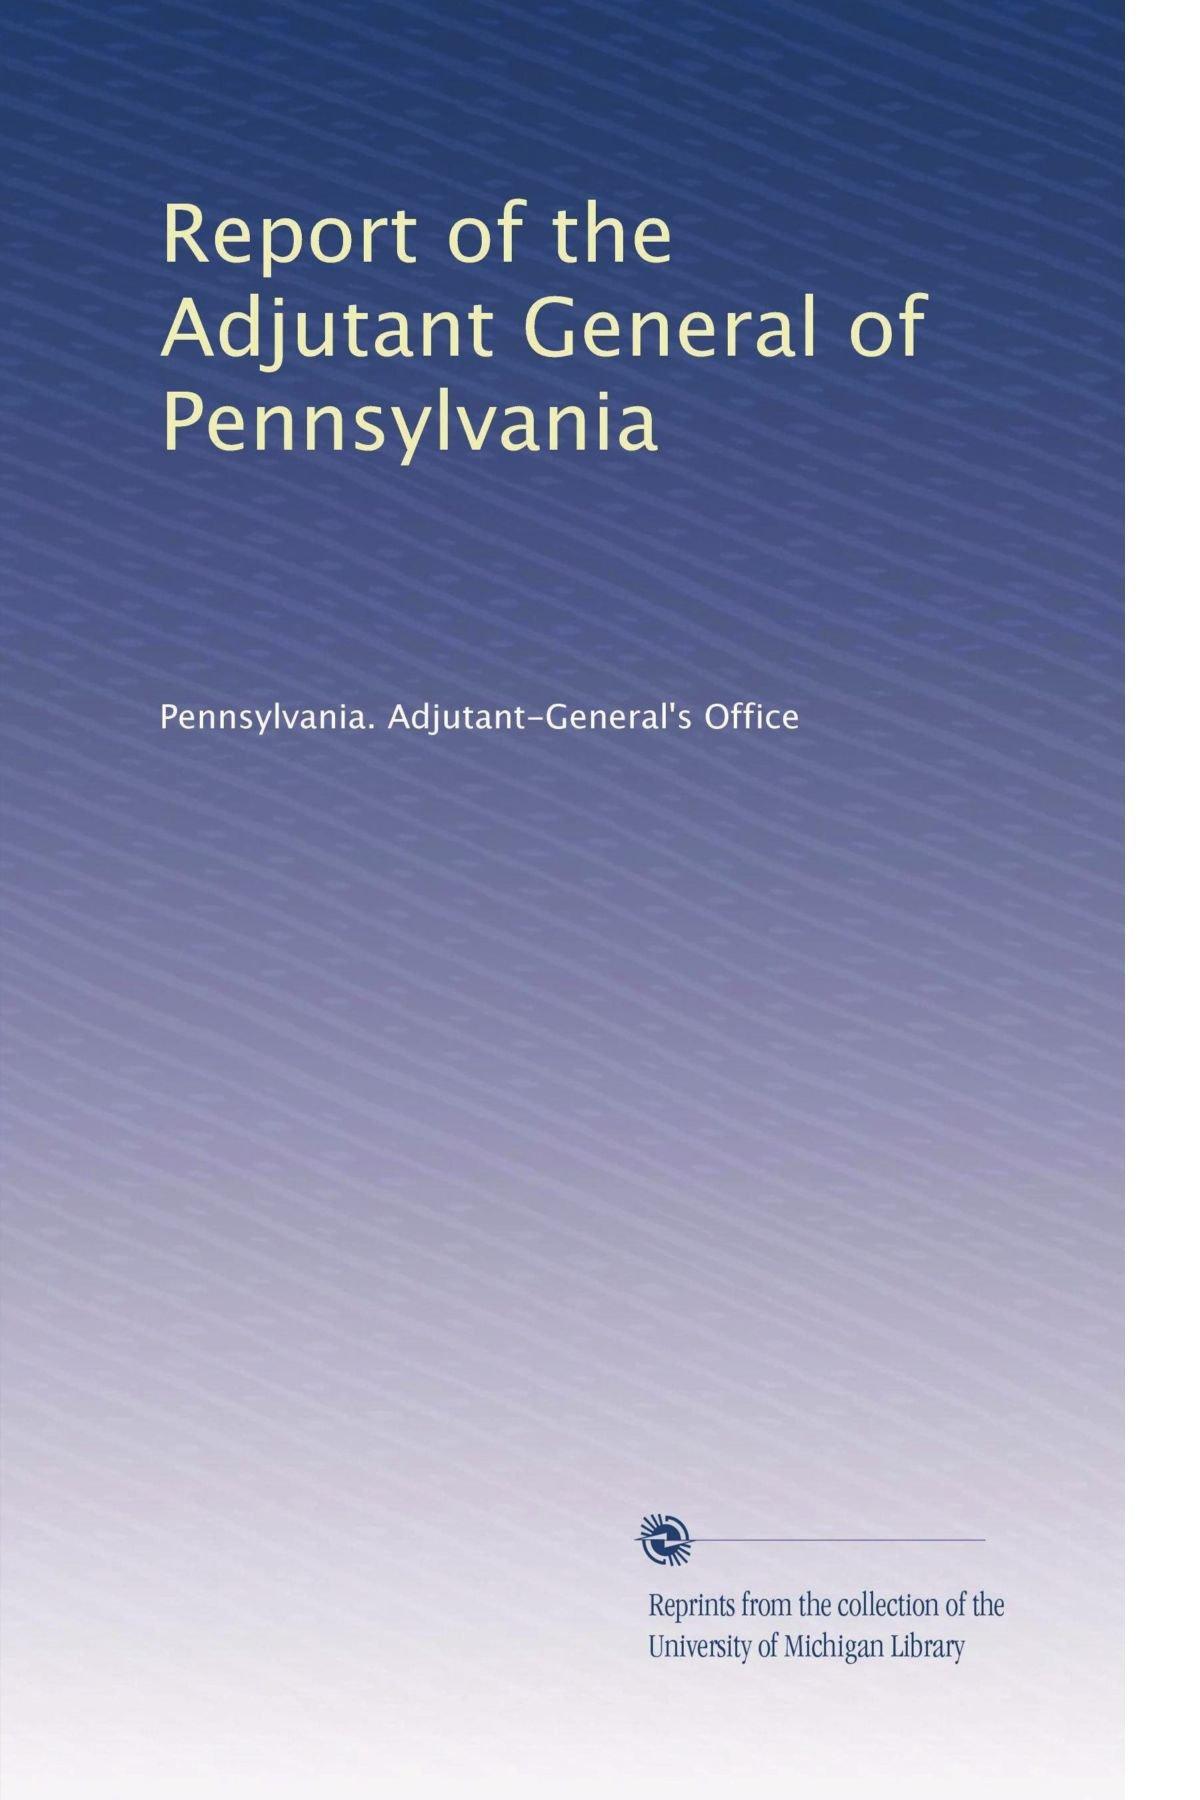 Download Report of the Adjutant General of Pennsylvania (Volume 23) PDF